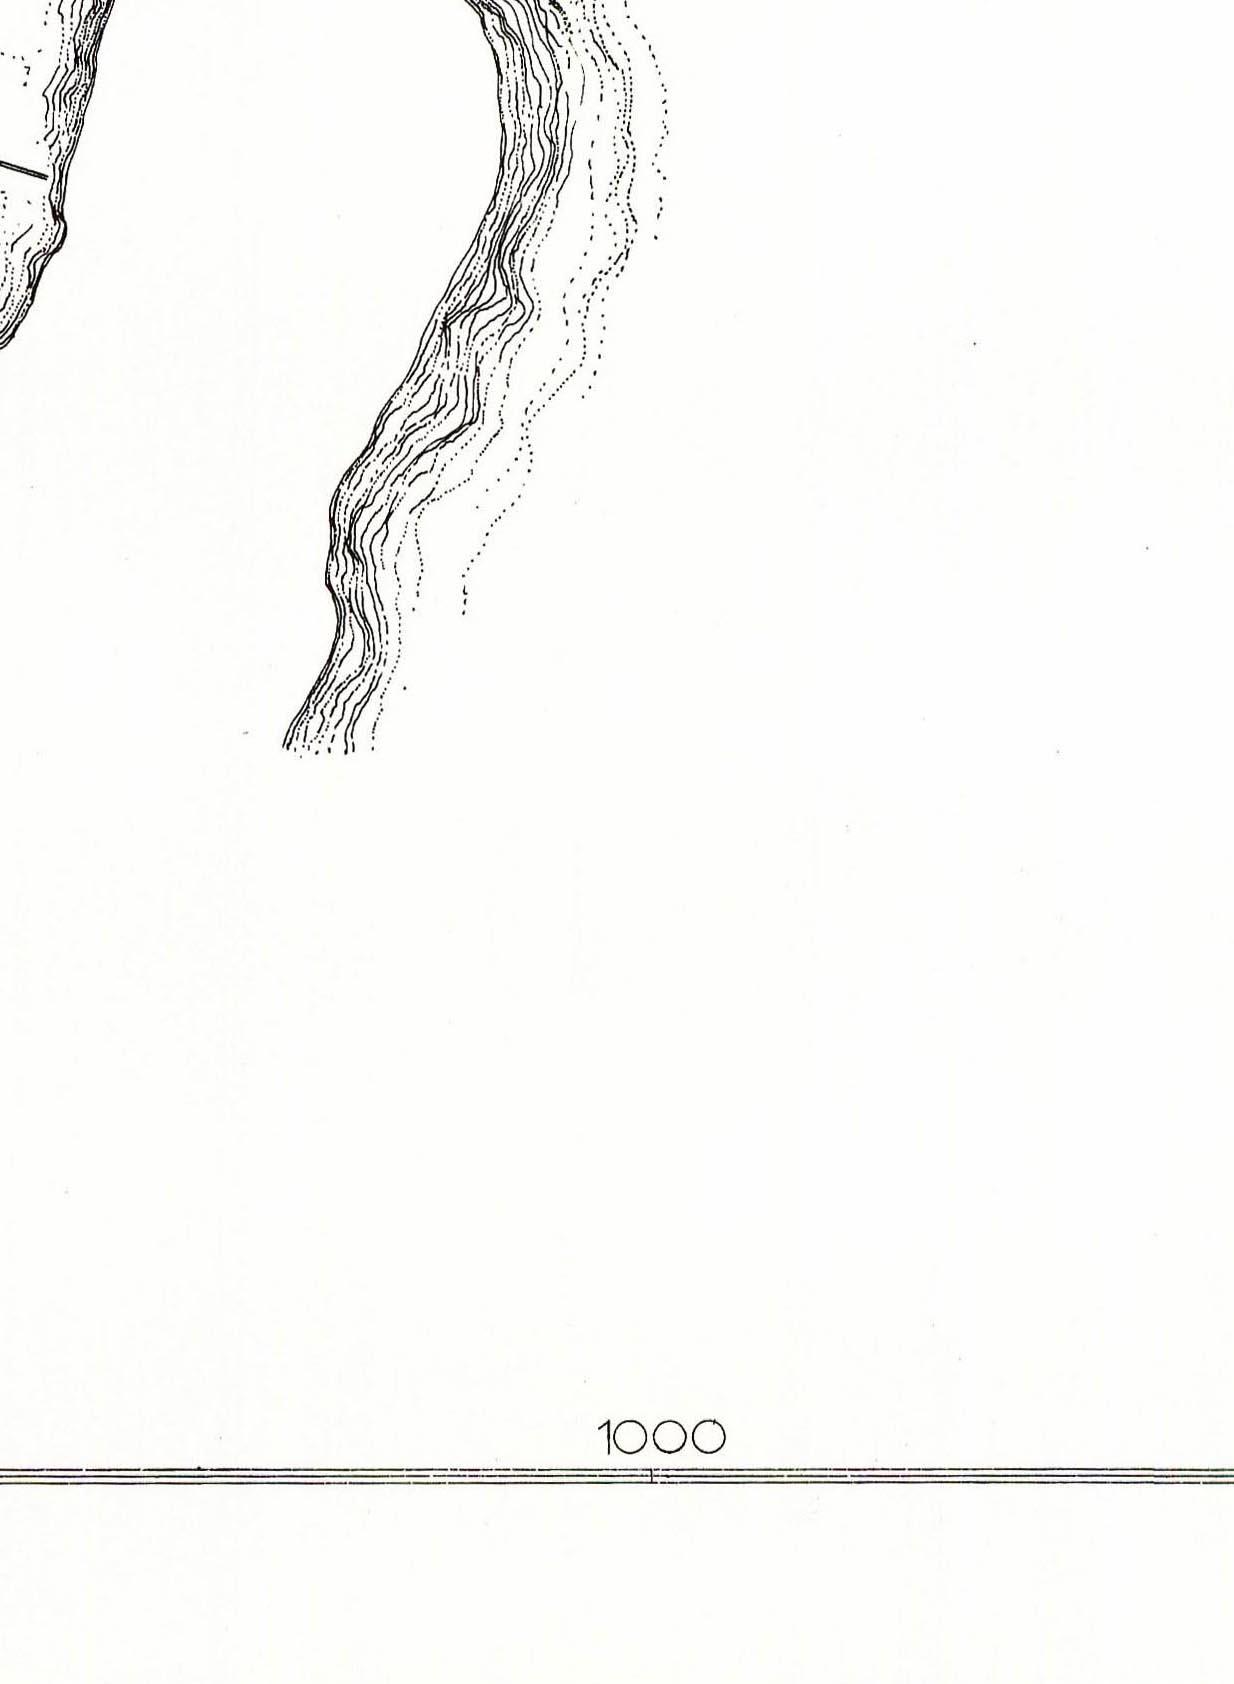 danielvillalobos-valladolid-blueprints-renaissance-j.3